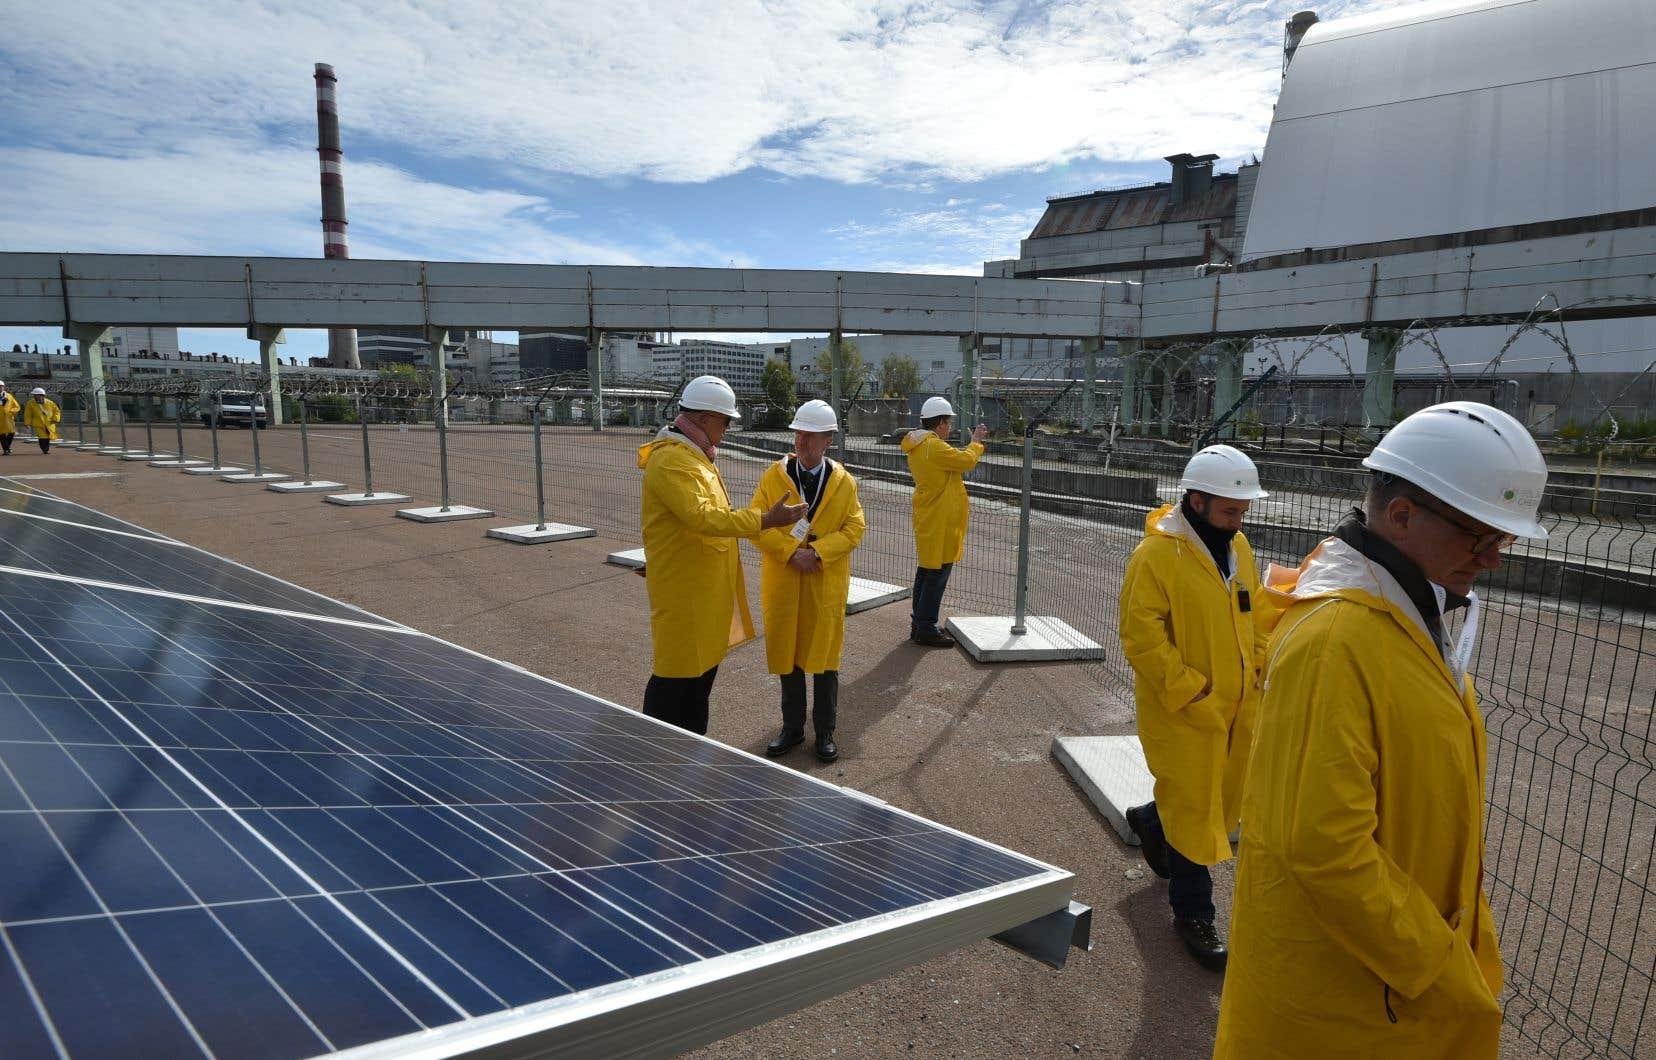 La nouvelle centrale compte environ 3800 panneaux photovoltaïques, installés à près d'une centaine de mètres du réacteur accidenté.